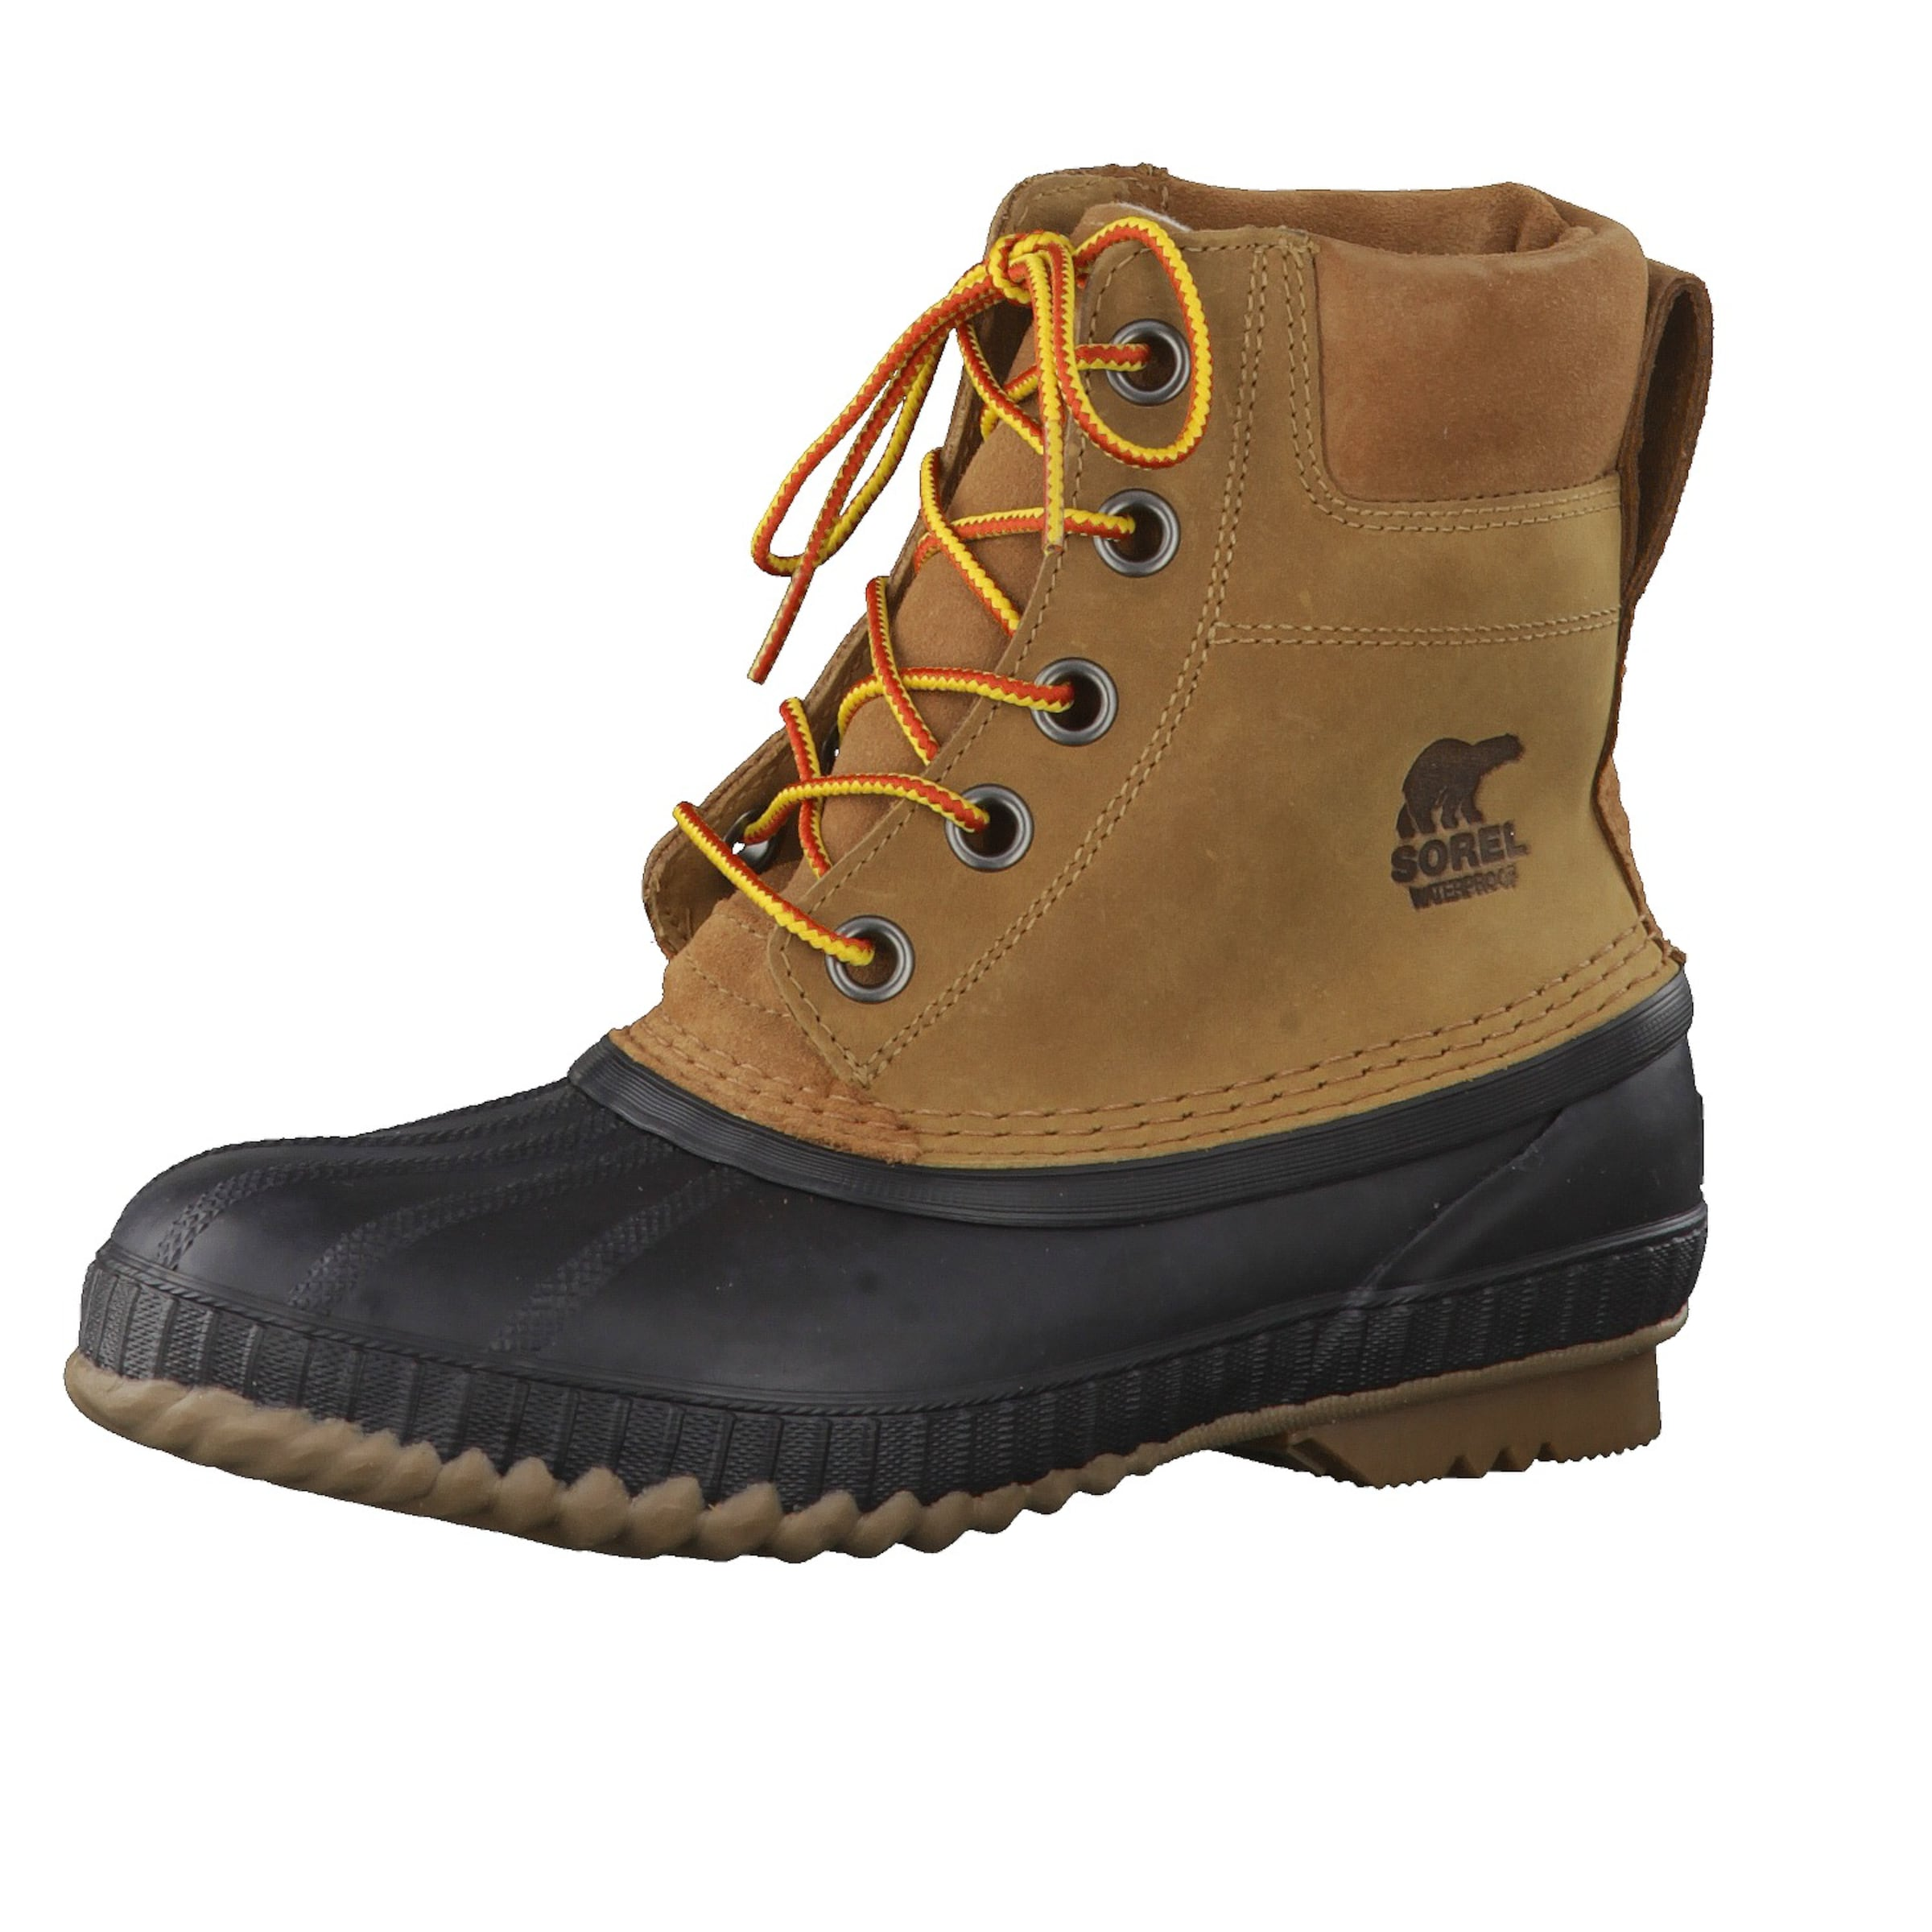 SOREL | Winterstiefel Cheyanne II Lace NY1891-286 Schuhe Gut getragene Schuhe